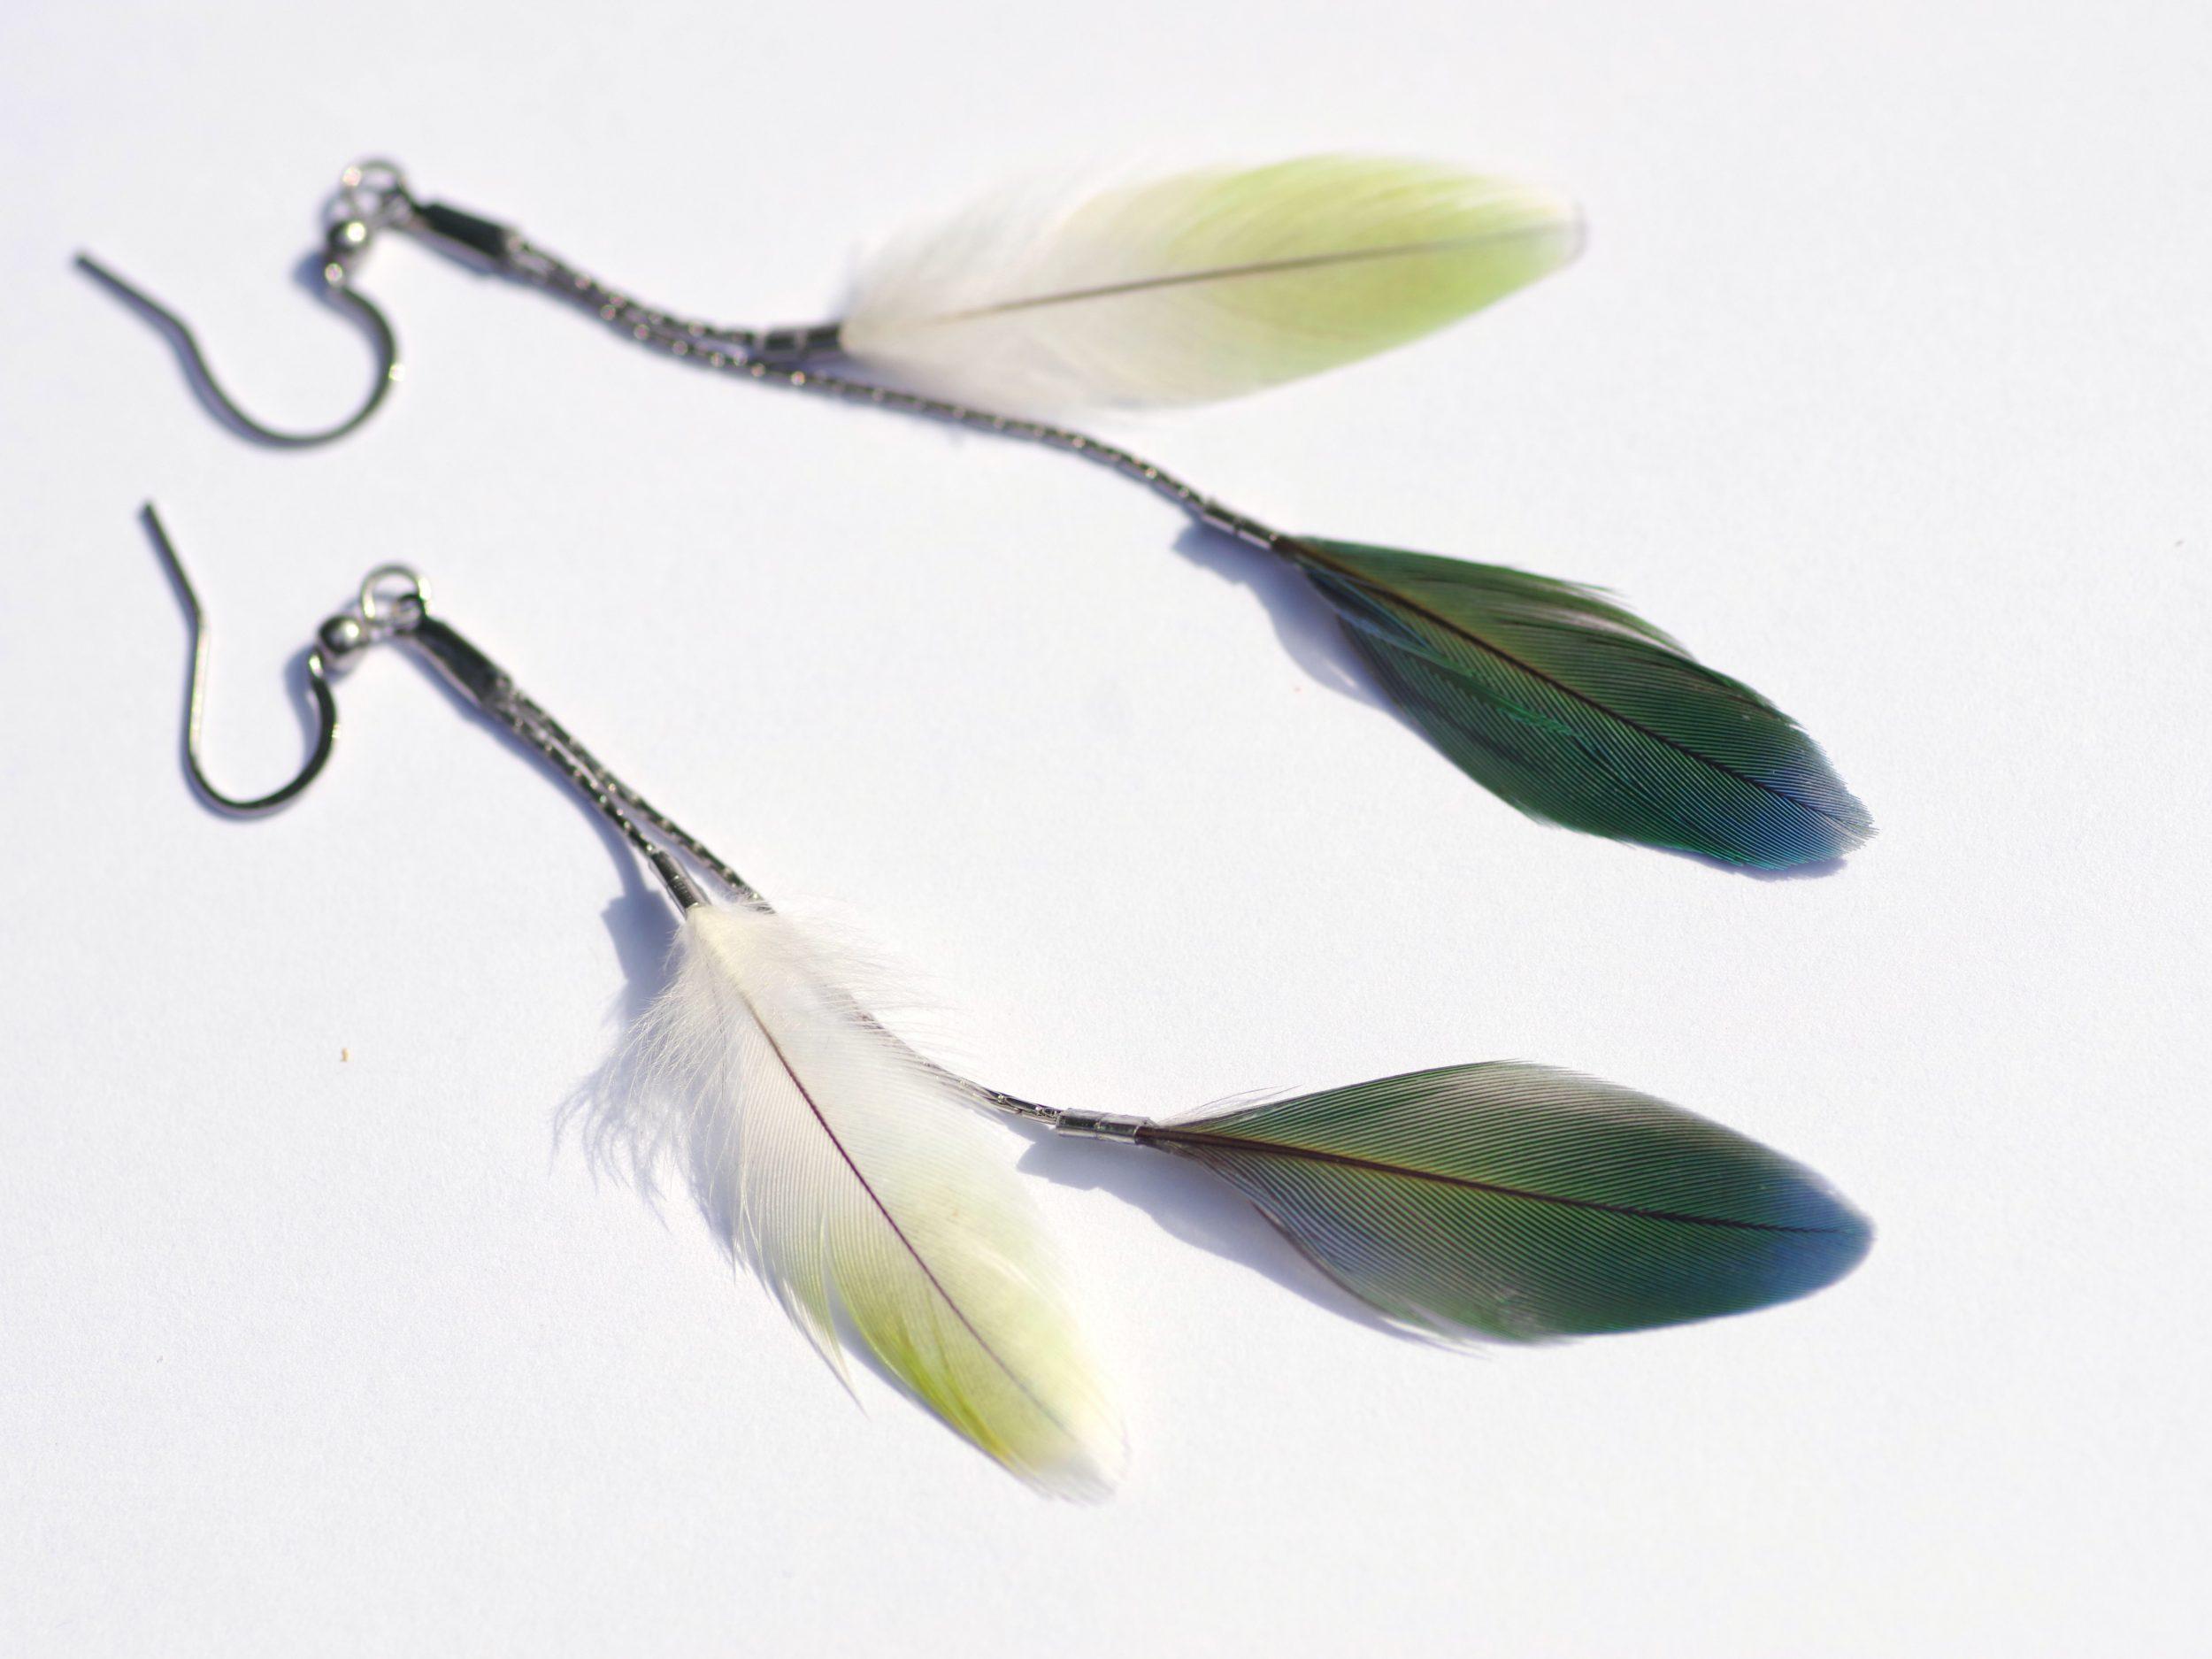 boucles d'oreilles avec double pendants ; deux petites plumes vertes sur des chaînes très fines argentées. plumes vert clair et vert foncé